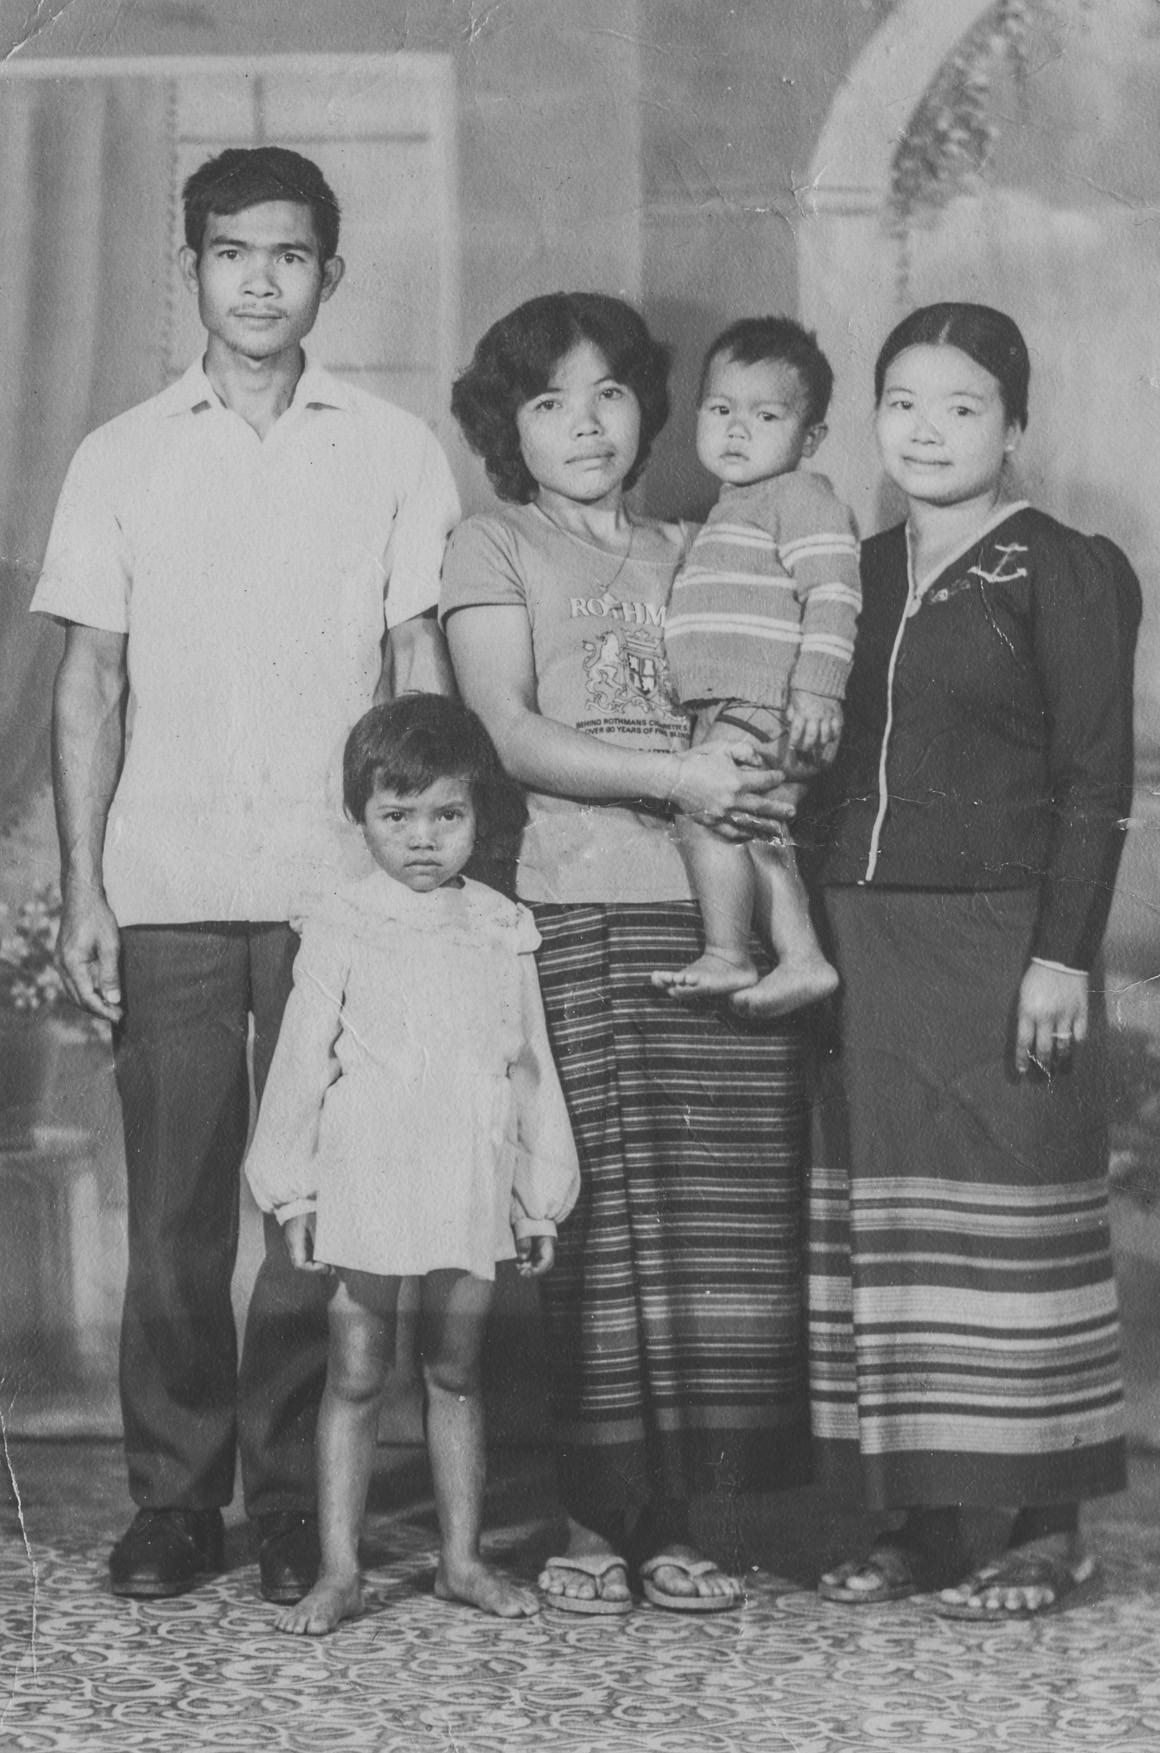 flashback-vintage-asia-photo